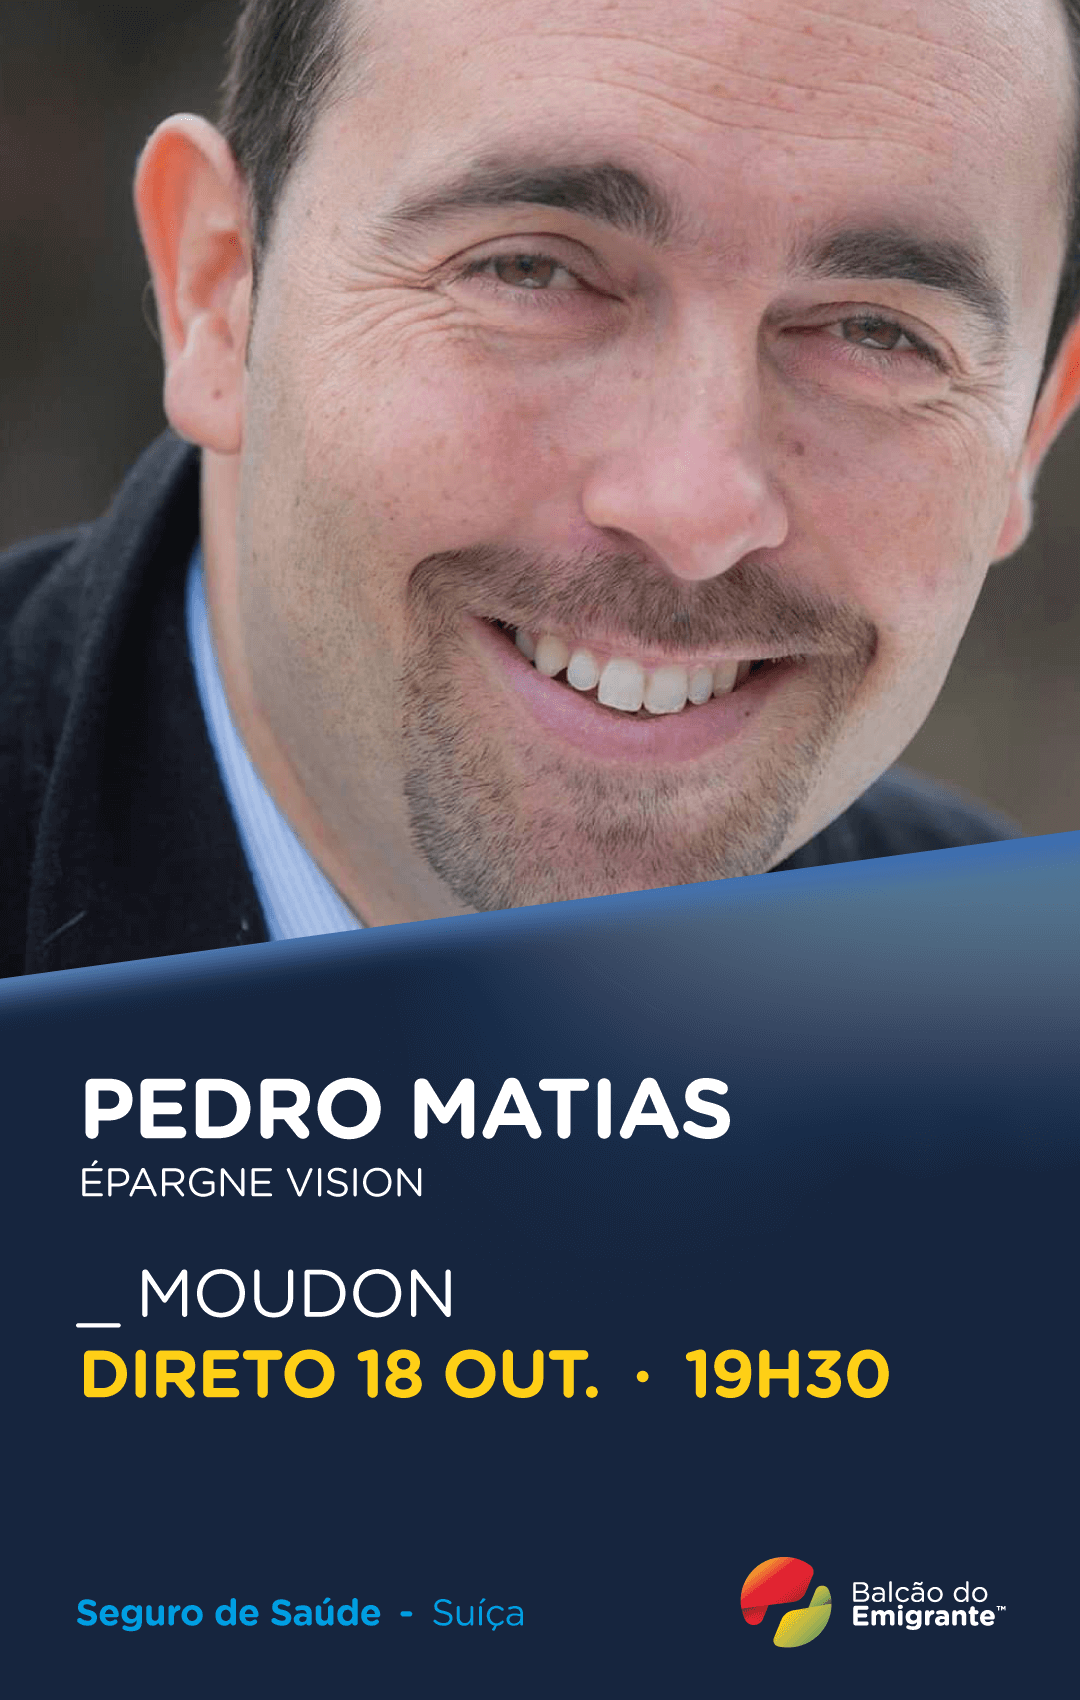 Pedro Matias - Especialista em Seguro de Saúde em Moudon